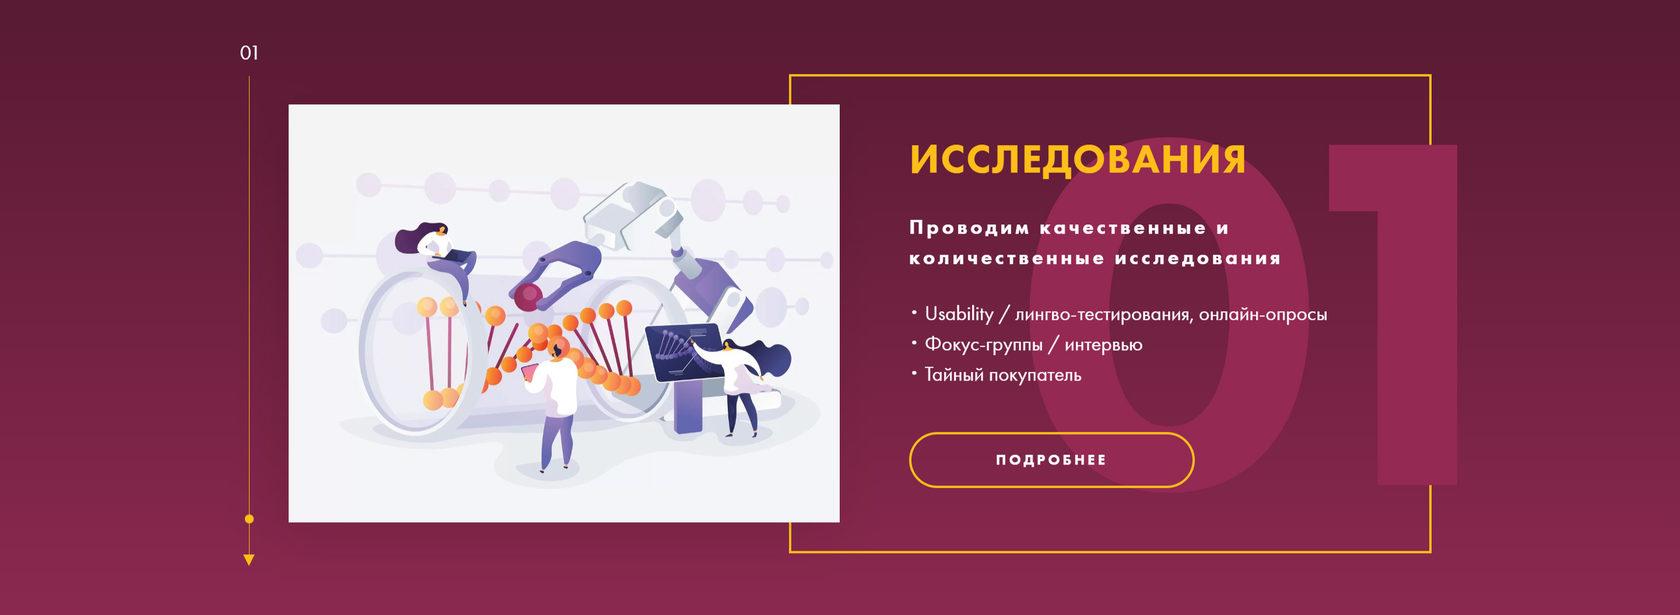 разработка актуального веб дизайна под ключ